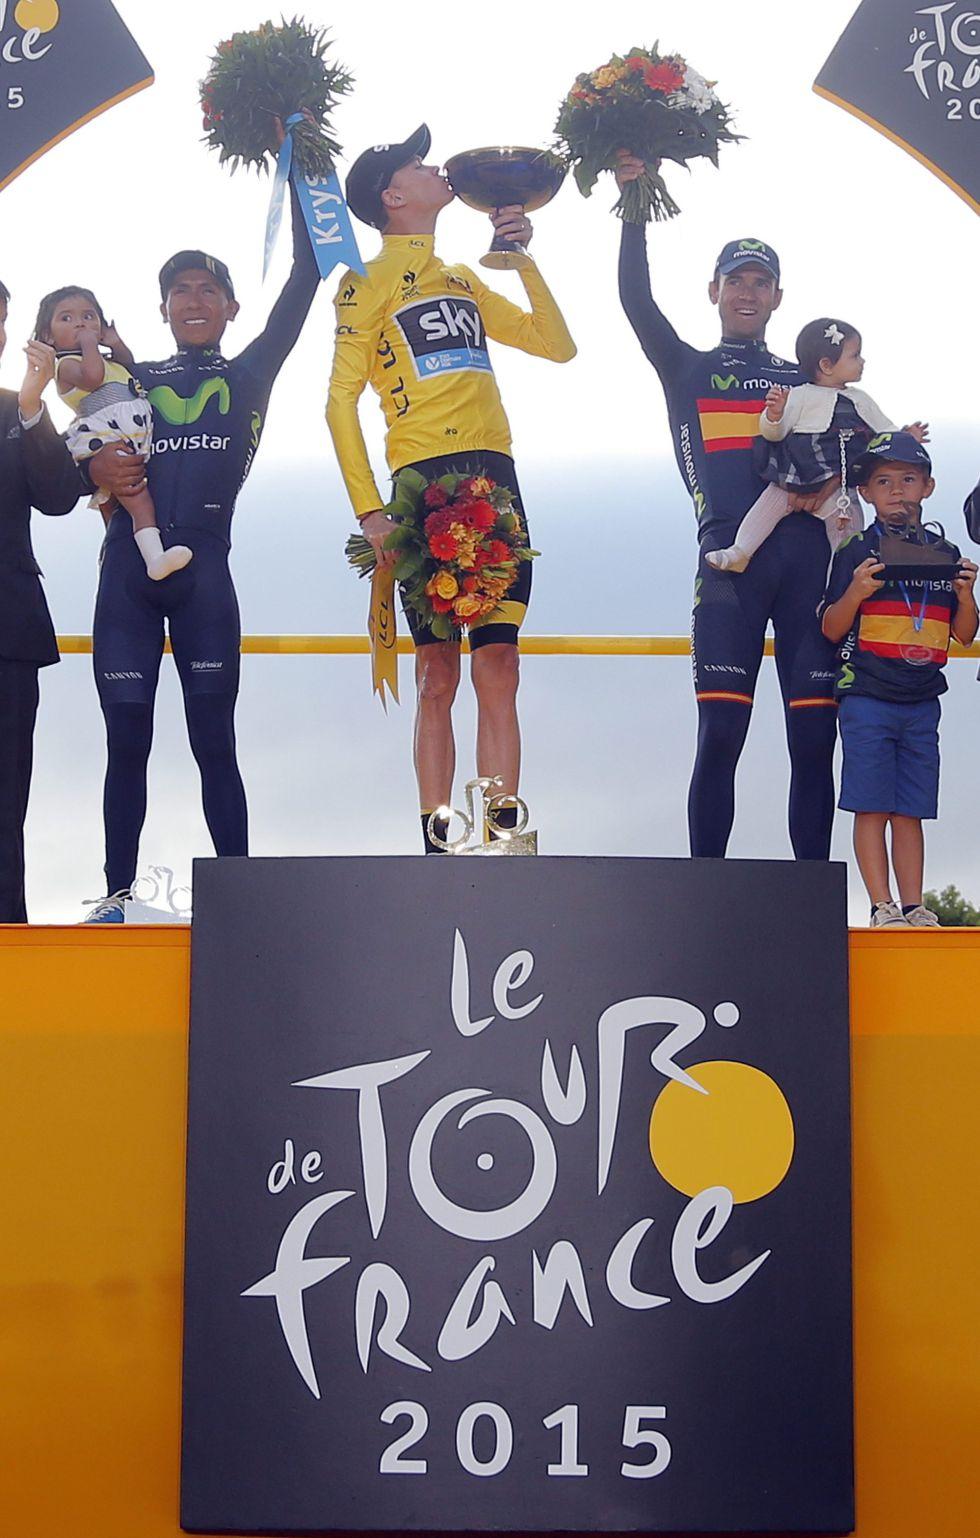 Tour de Francia 2015 - Página 5 1437901718_676830_1437936637_noticia_grande